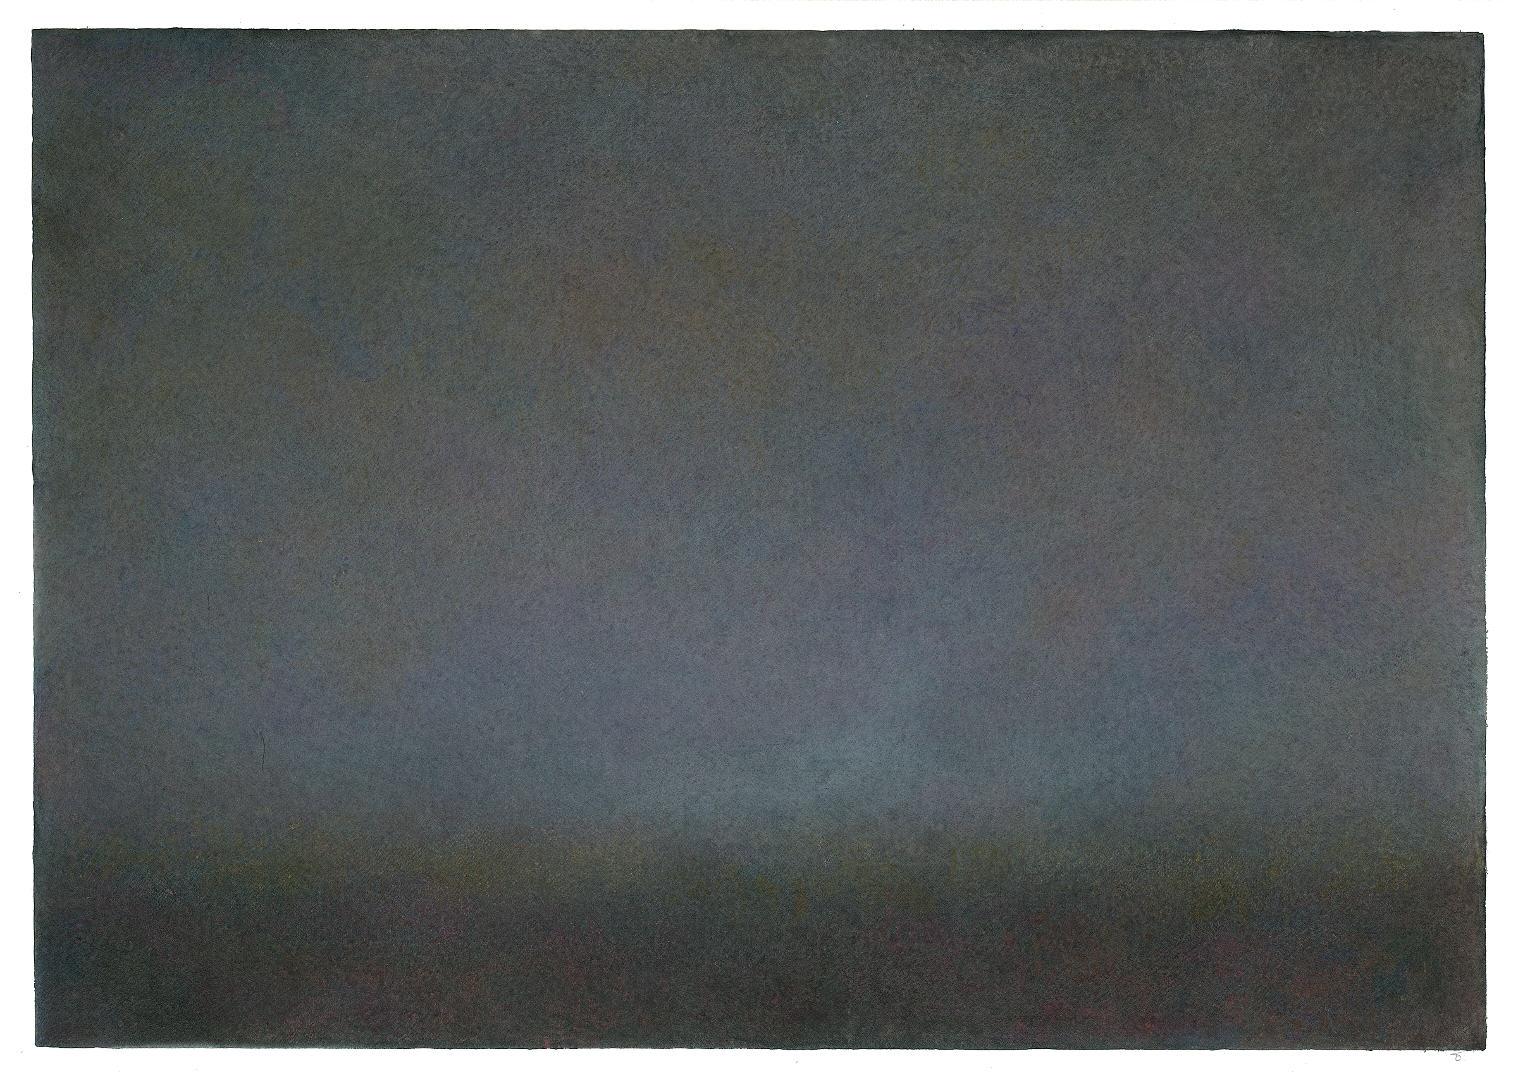 2013 Nocturne (70 X 100 cm) 17899-3